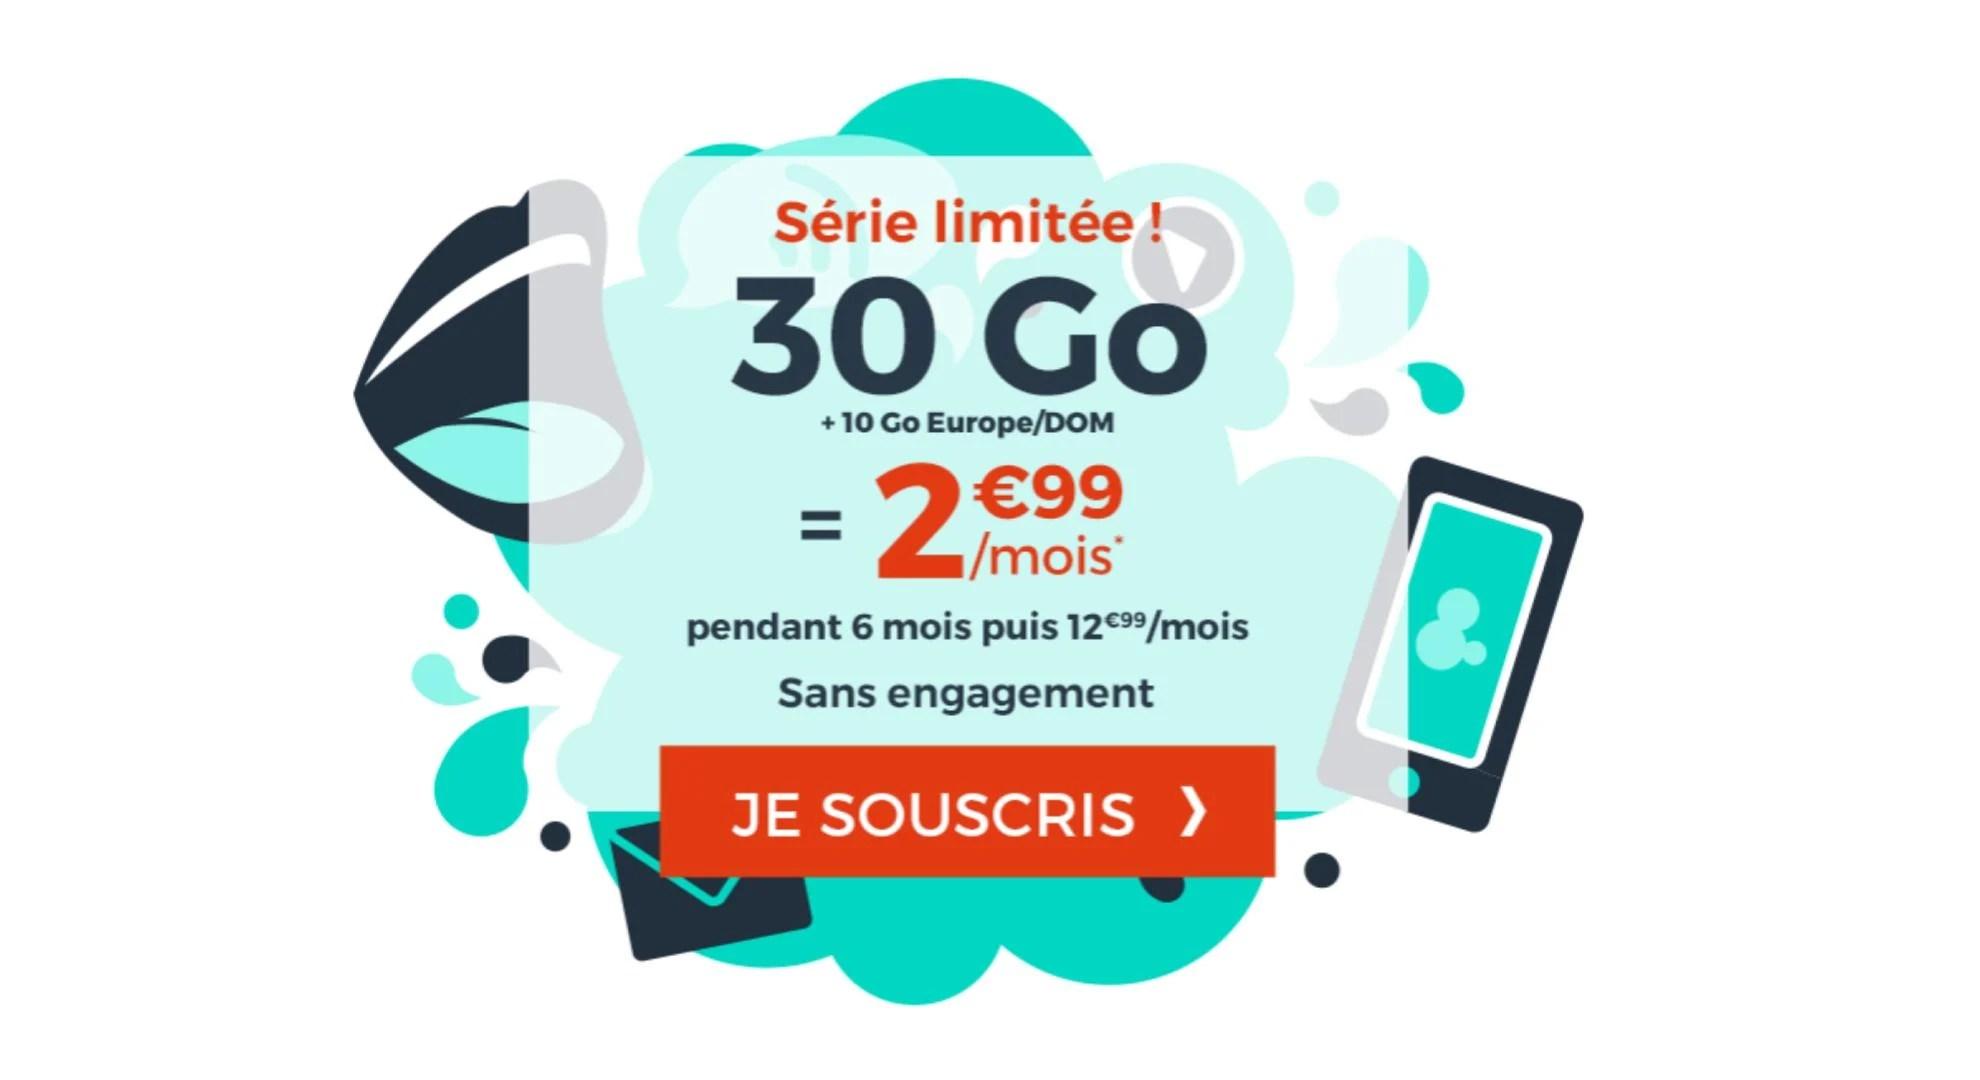 30Go en France + 10 Go en Europe/DOM à 2,99€ par mois avec ce forfait mobile